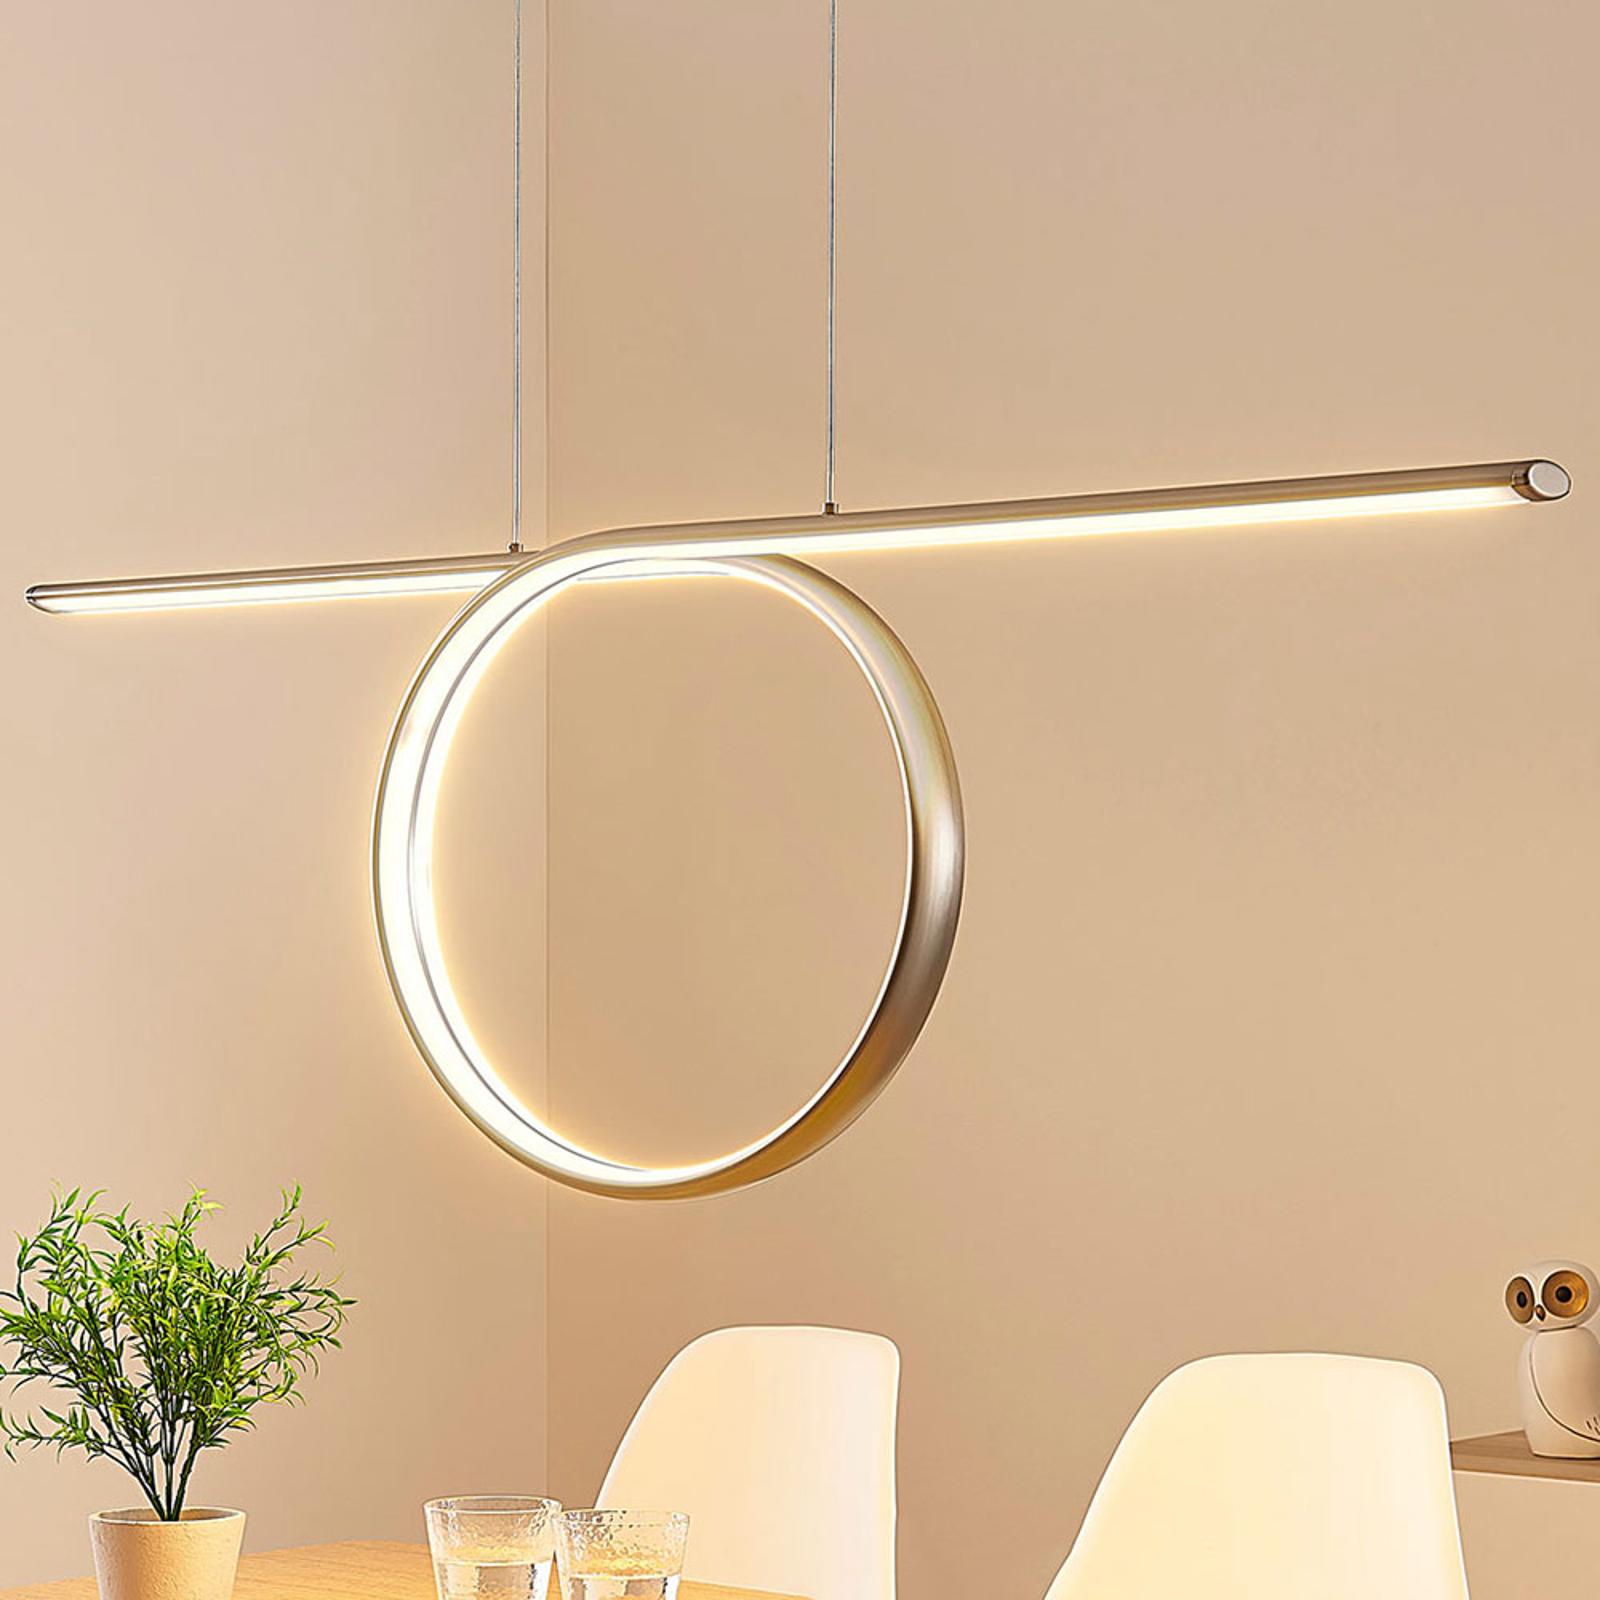 LED-Pendelleuchte Tani, loopförmig